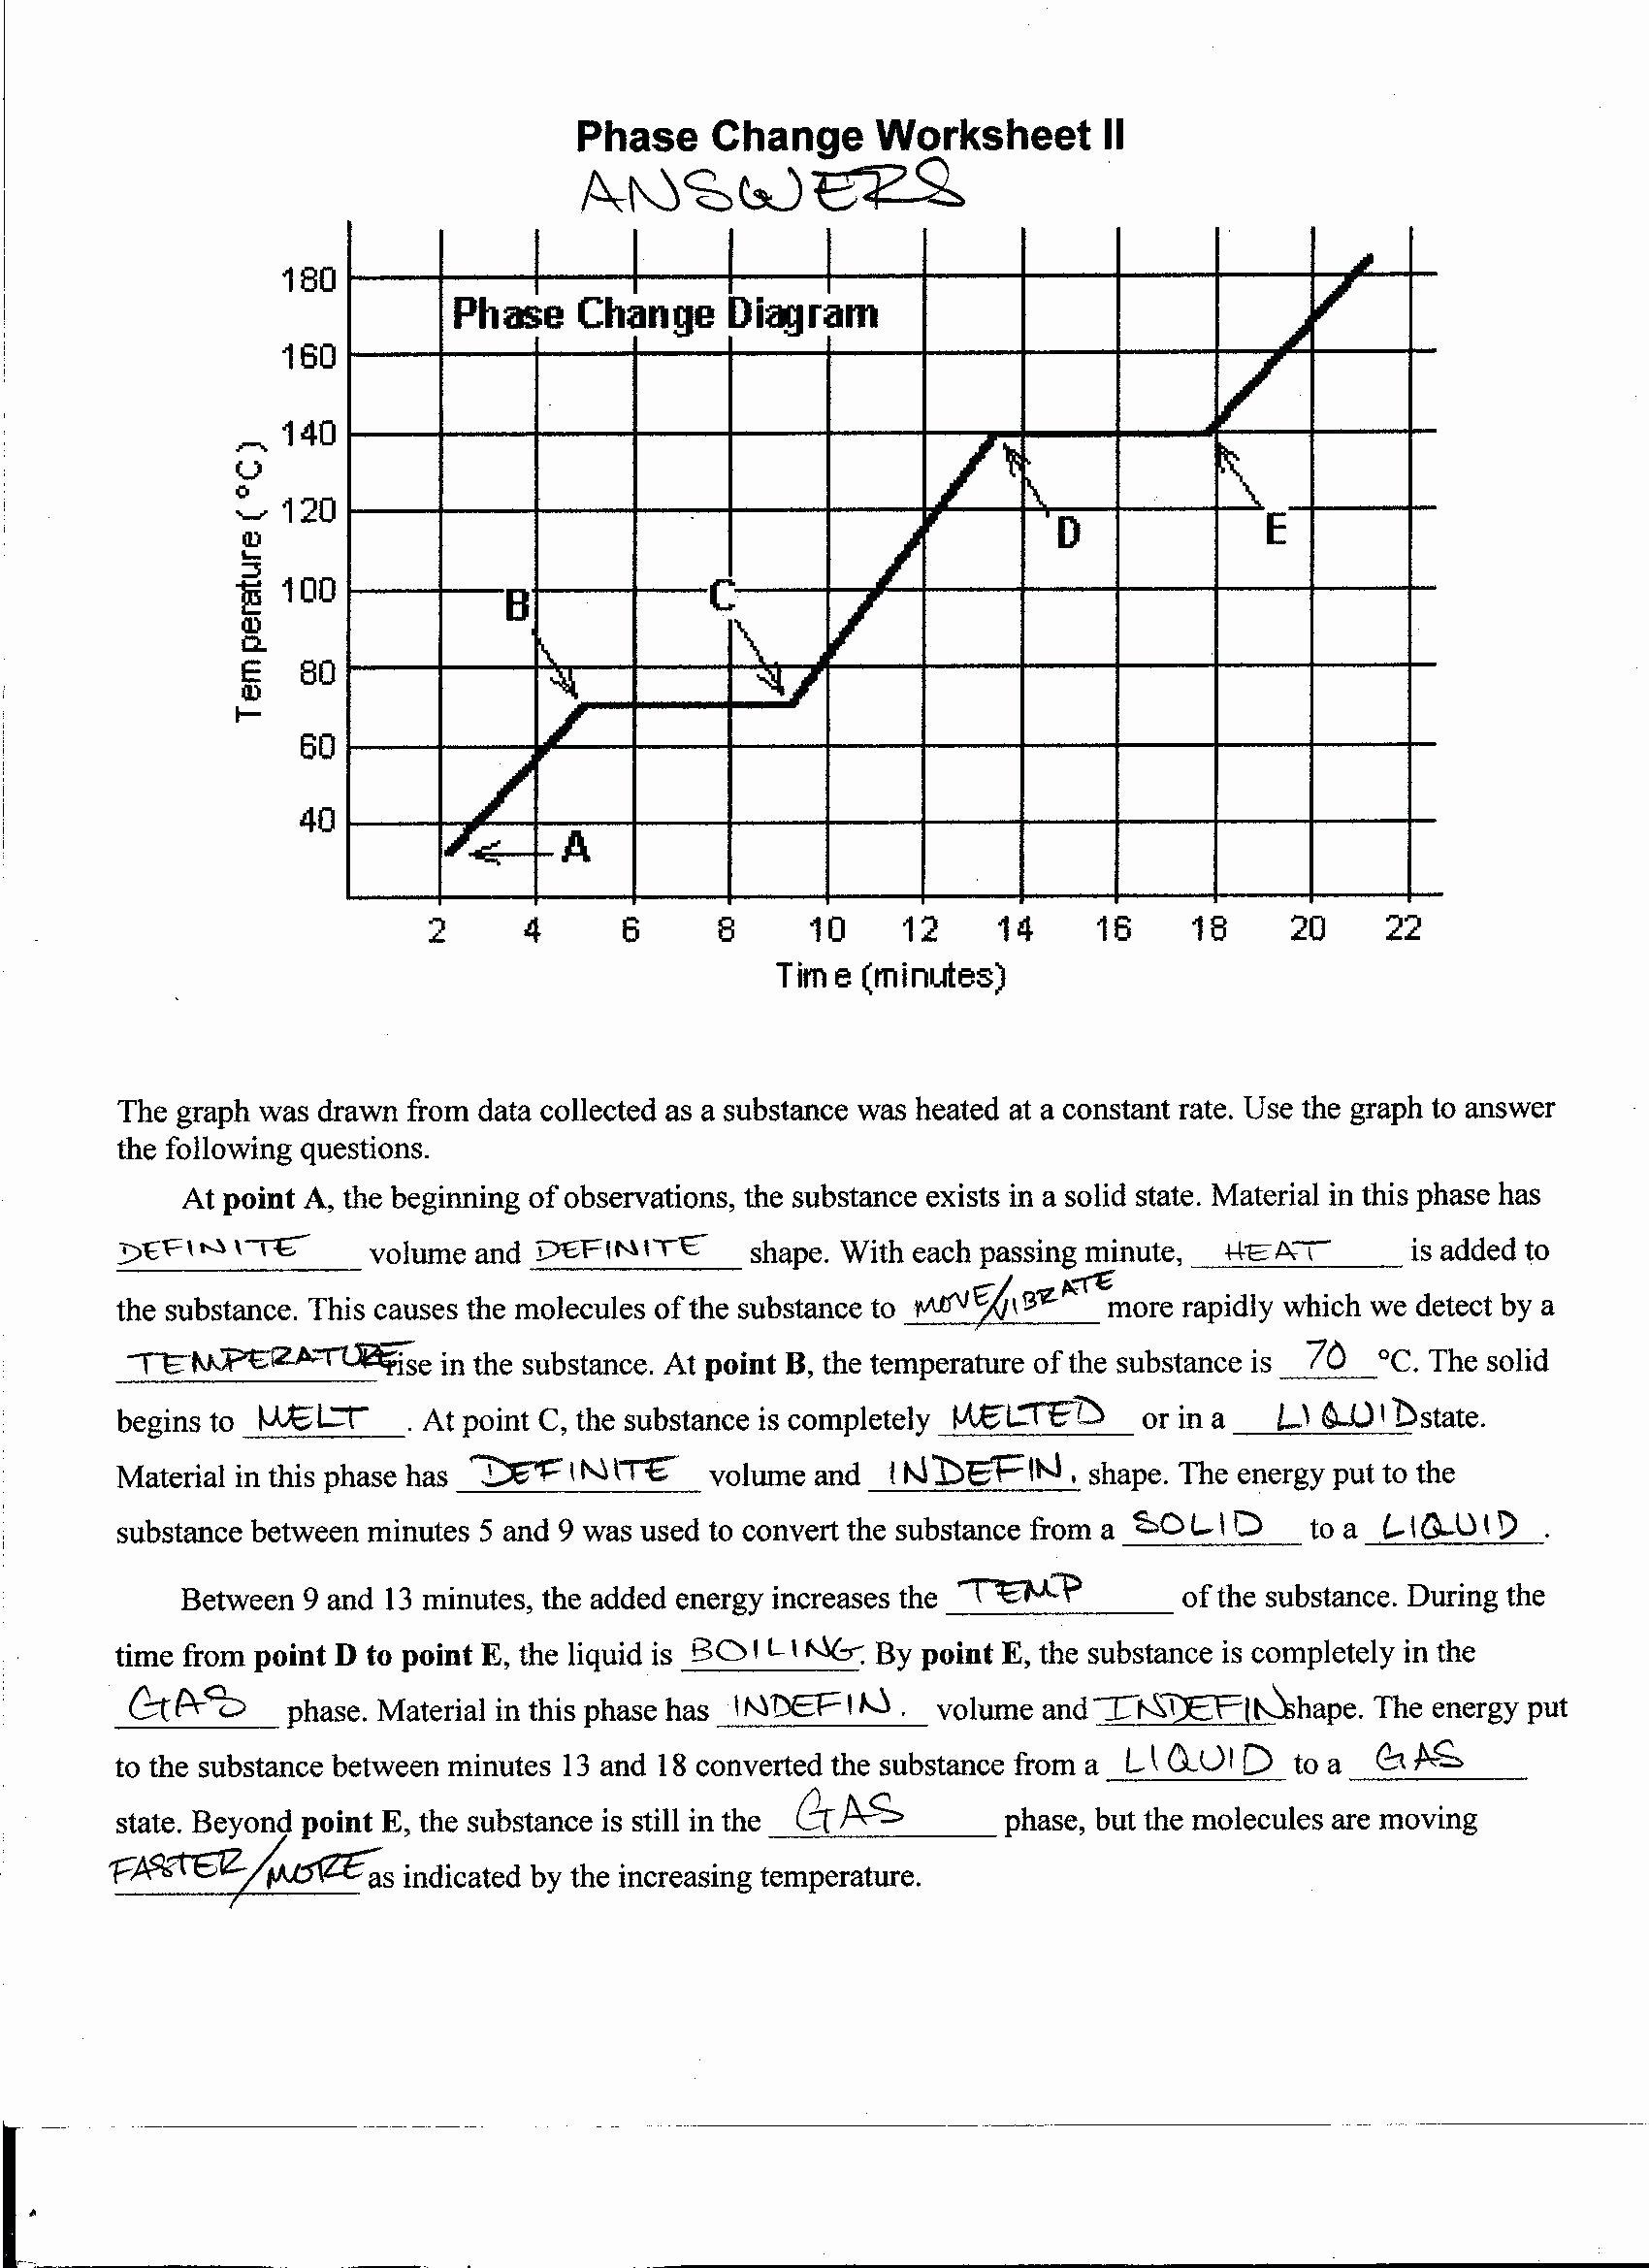 Phase Change Worksheet Answers Beautiful Phase Change Worksheet with Answers the Best Worksheets